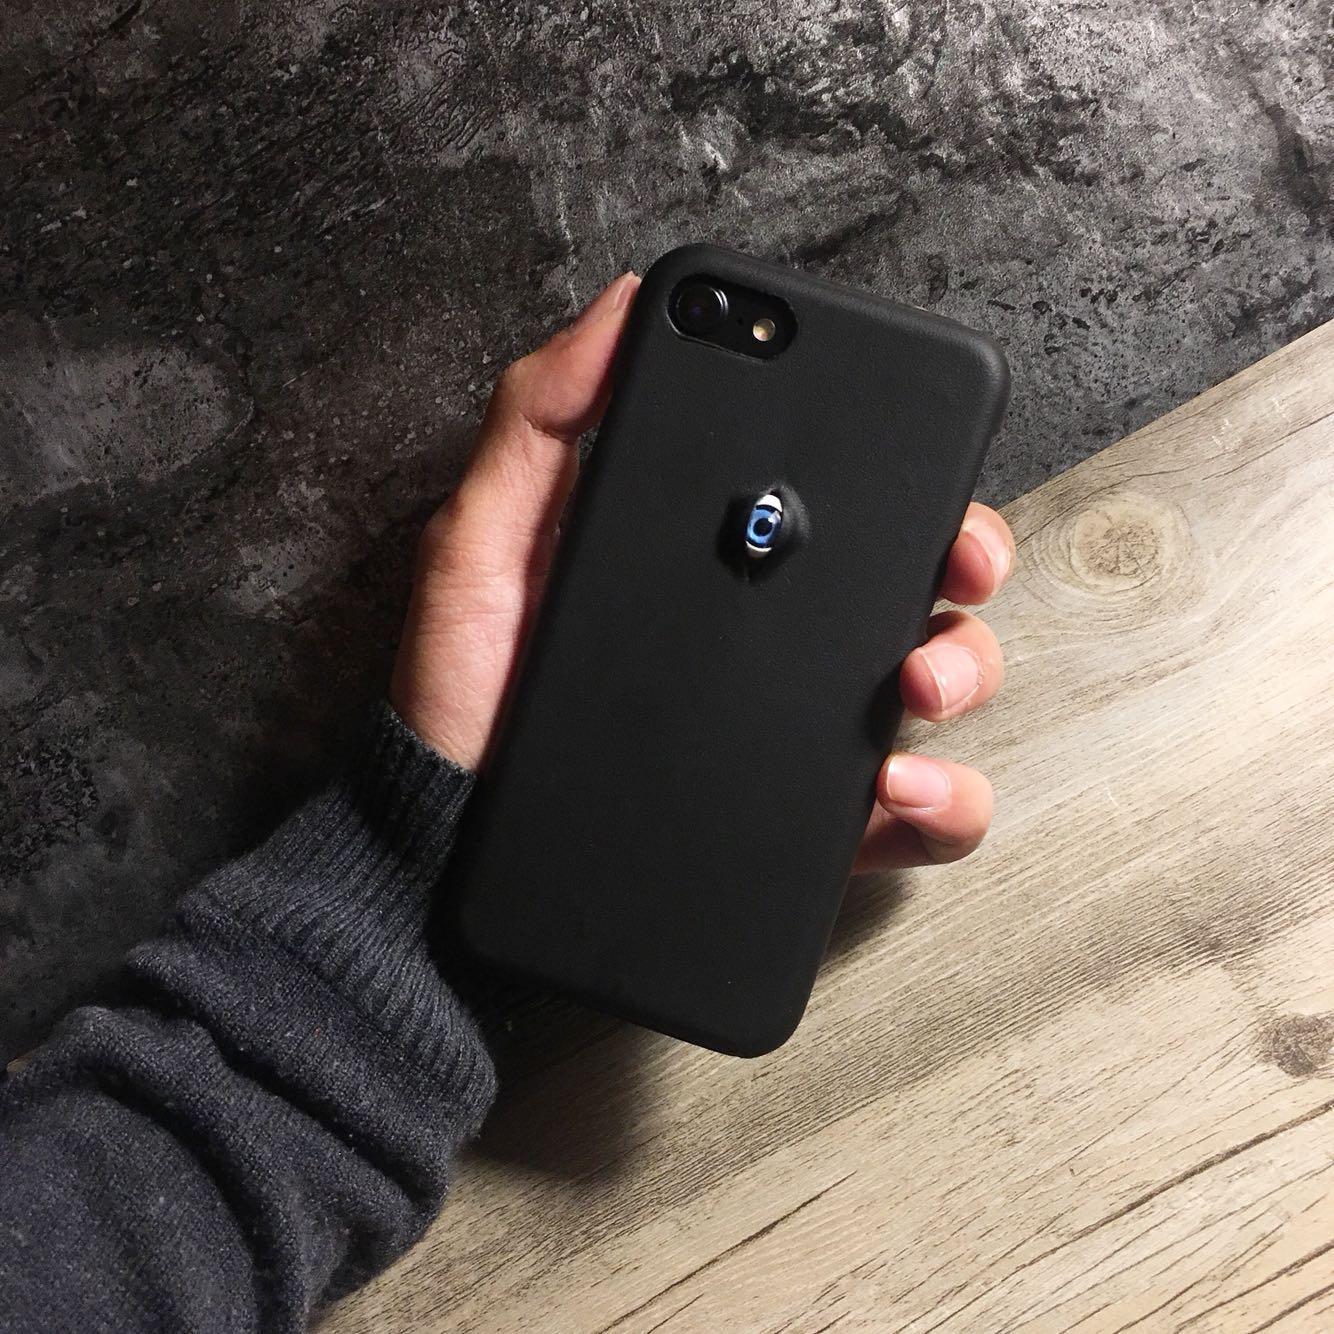 Más nueva venta caliente secret Eye teléfono caso para el iPhone 7 Plus 5.5 pulgadas cuero de alta calidad caja del teléfono del ojo para iPhone 7 más 5.5 pulgadas